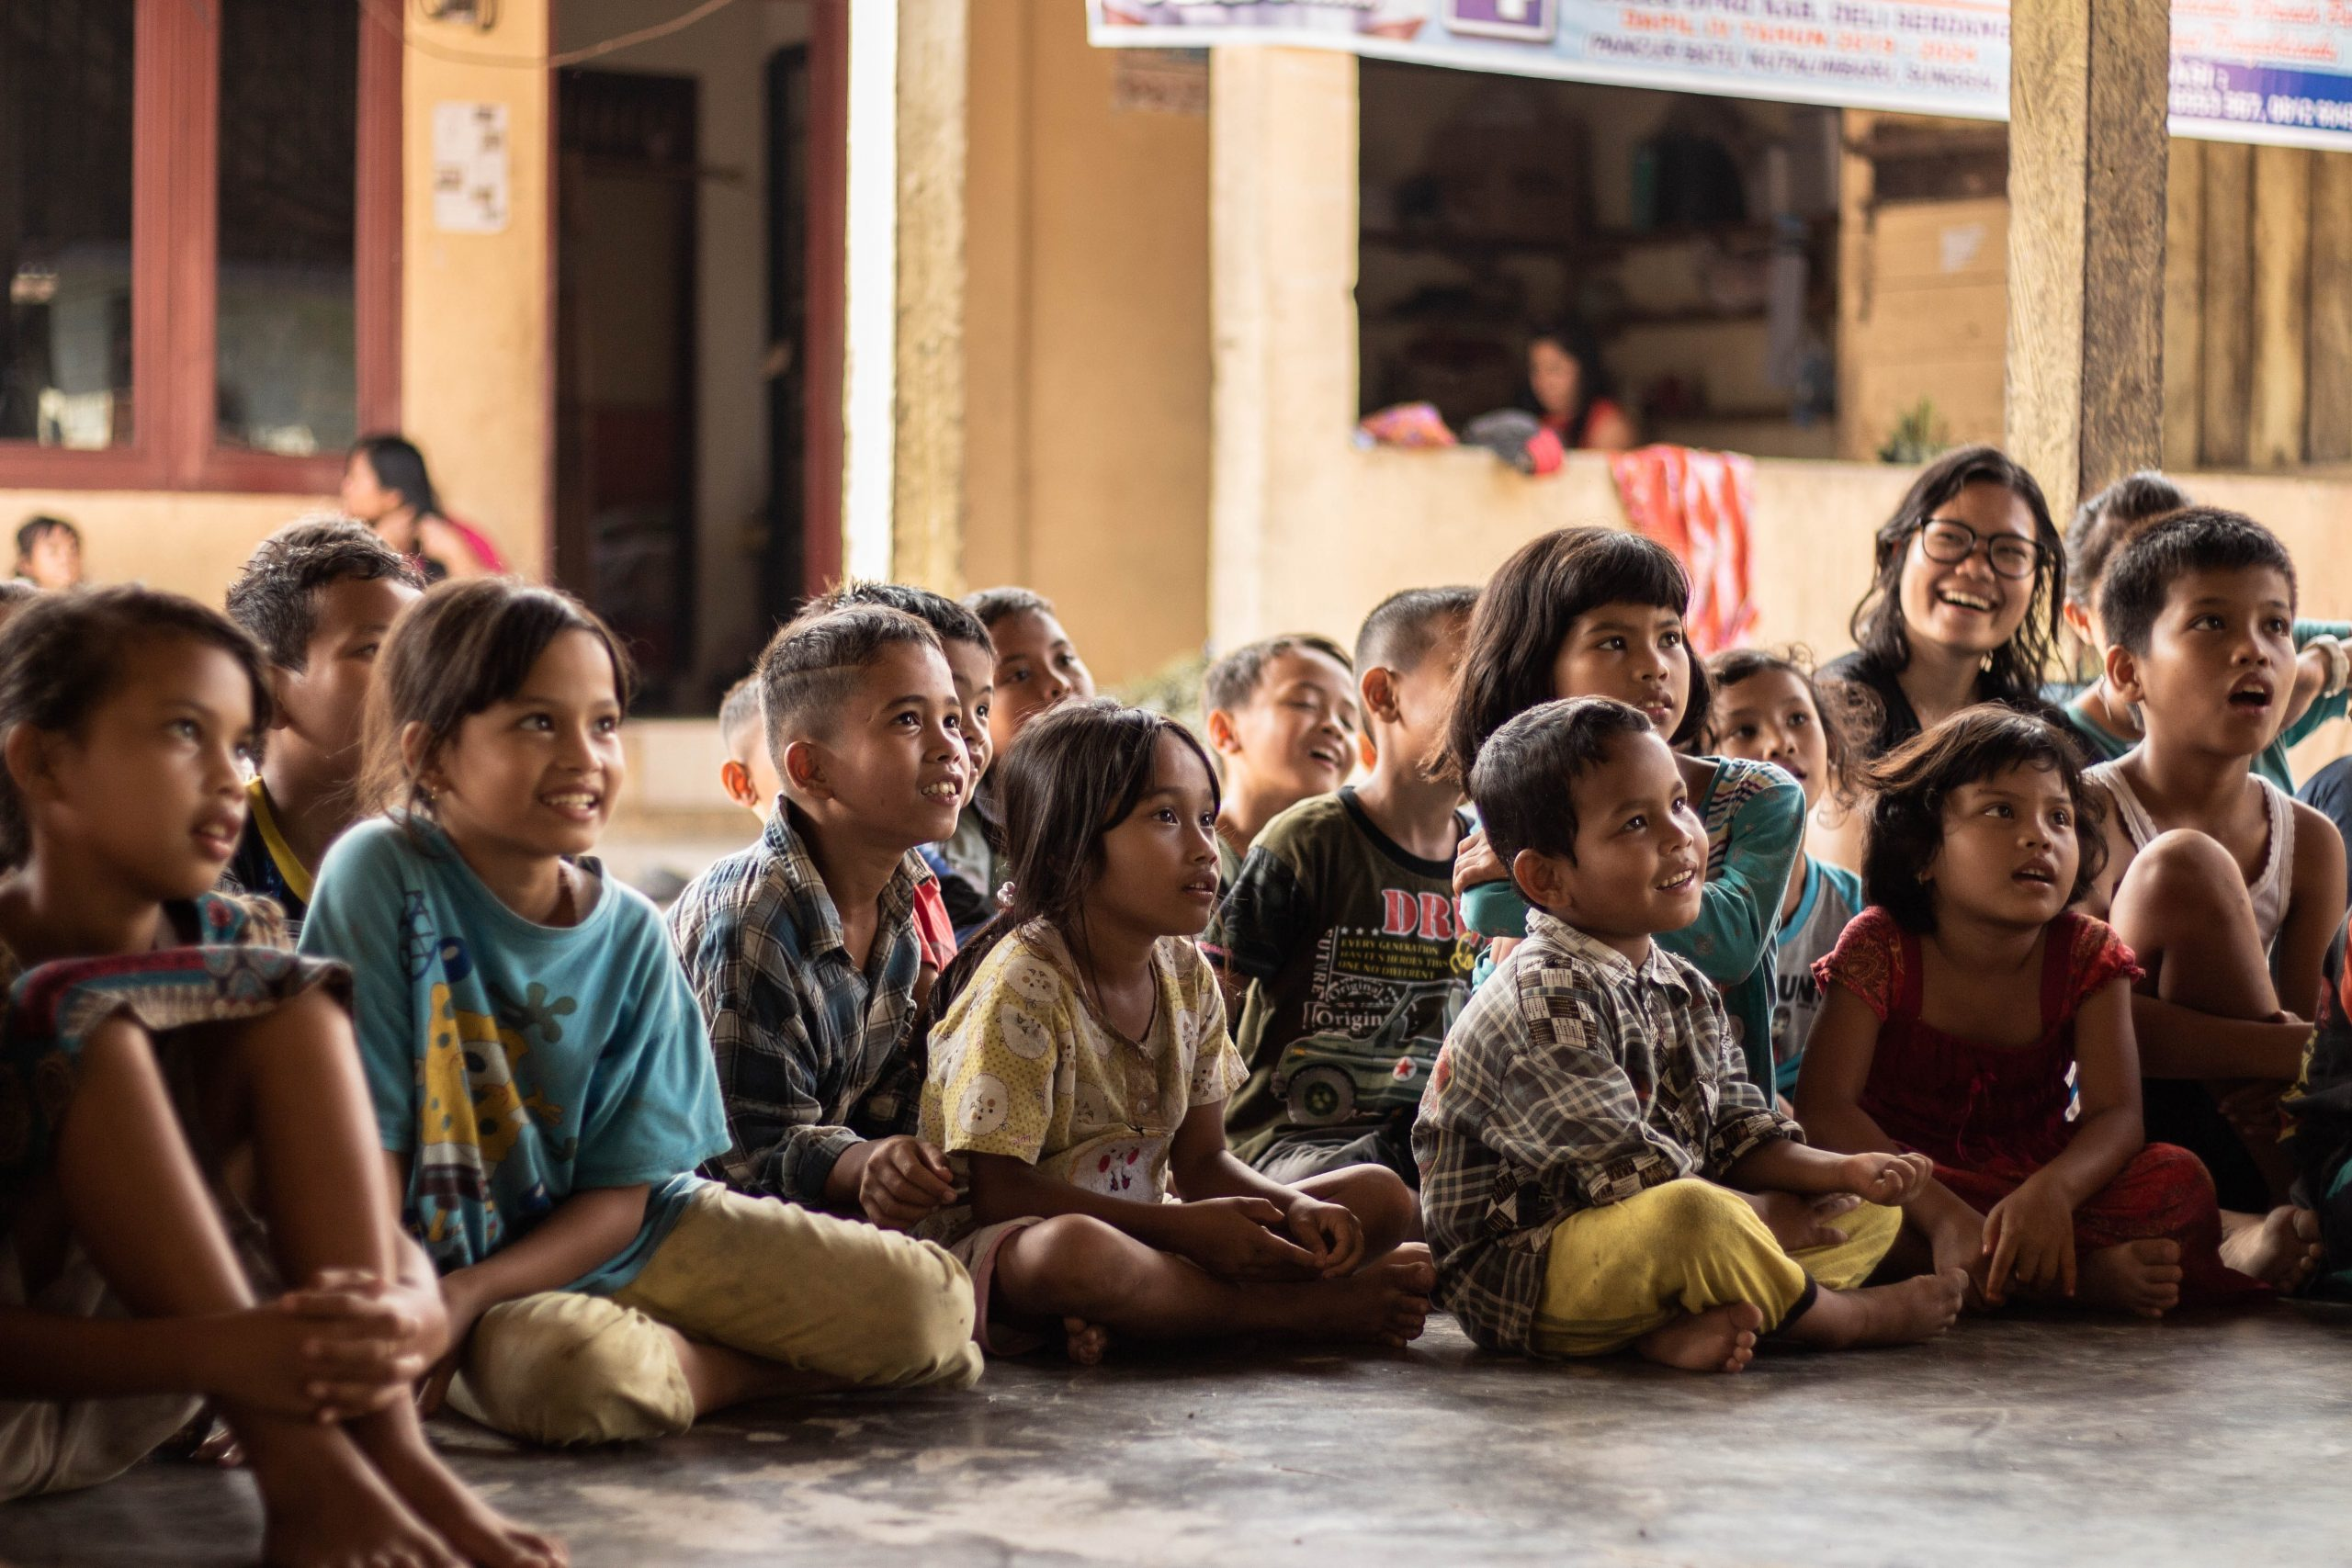 børn, udsatte (Foto: Unsplash)